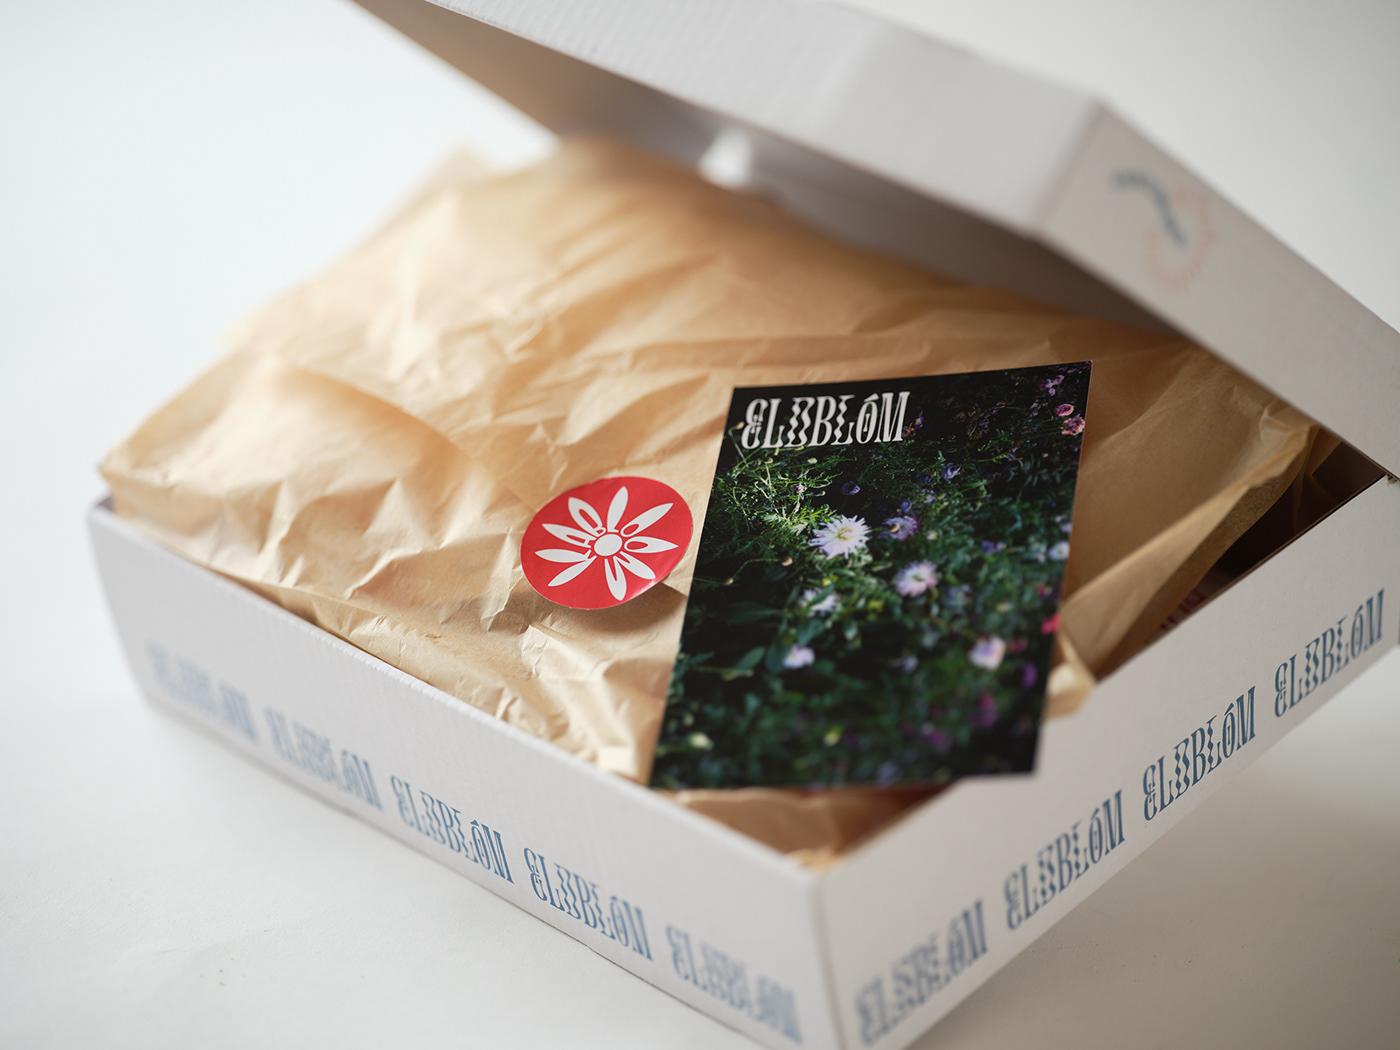 eldblóm fireworks Flowers hanabi Packaging